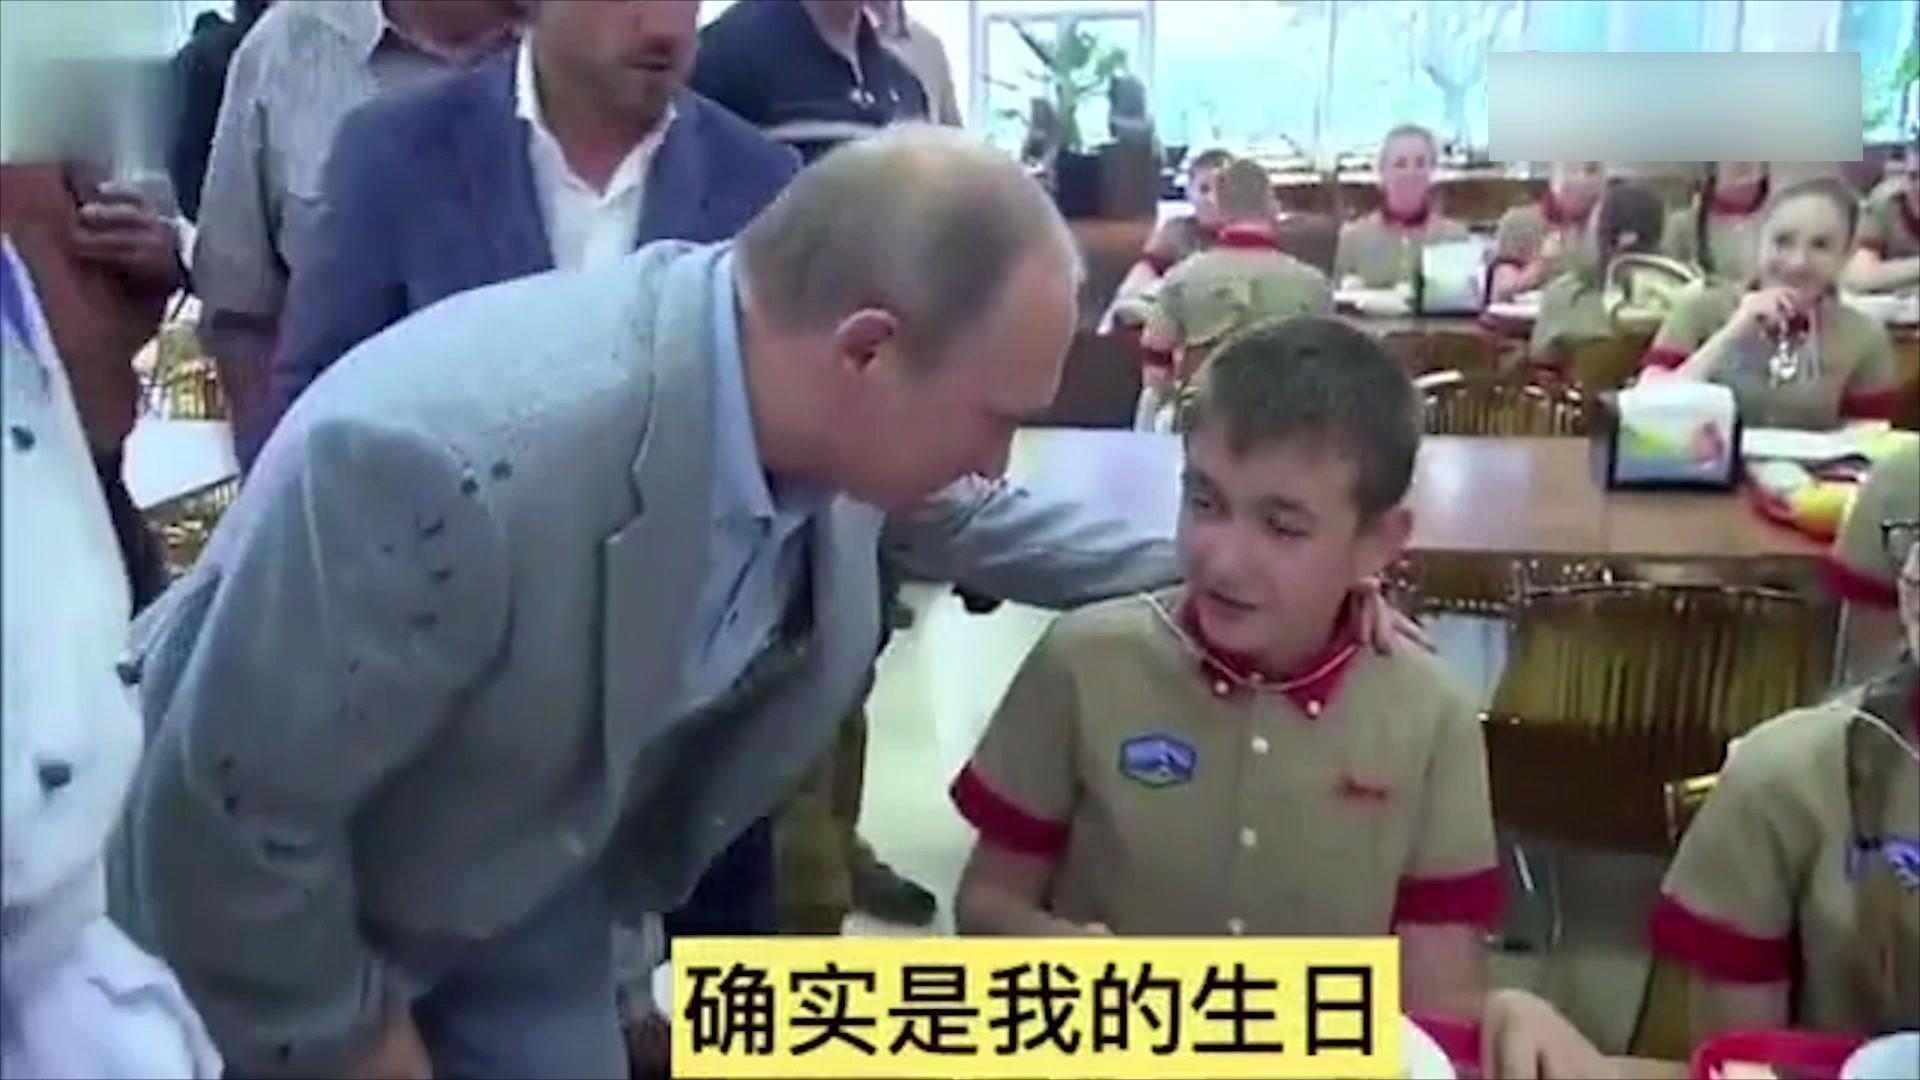 普京总统参观儿童夏令营,品尝孩子们的食物,并送上生日祝福!